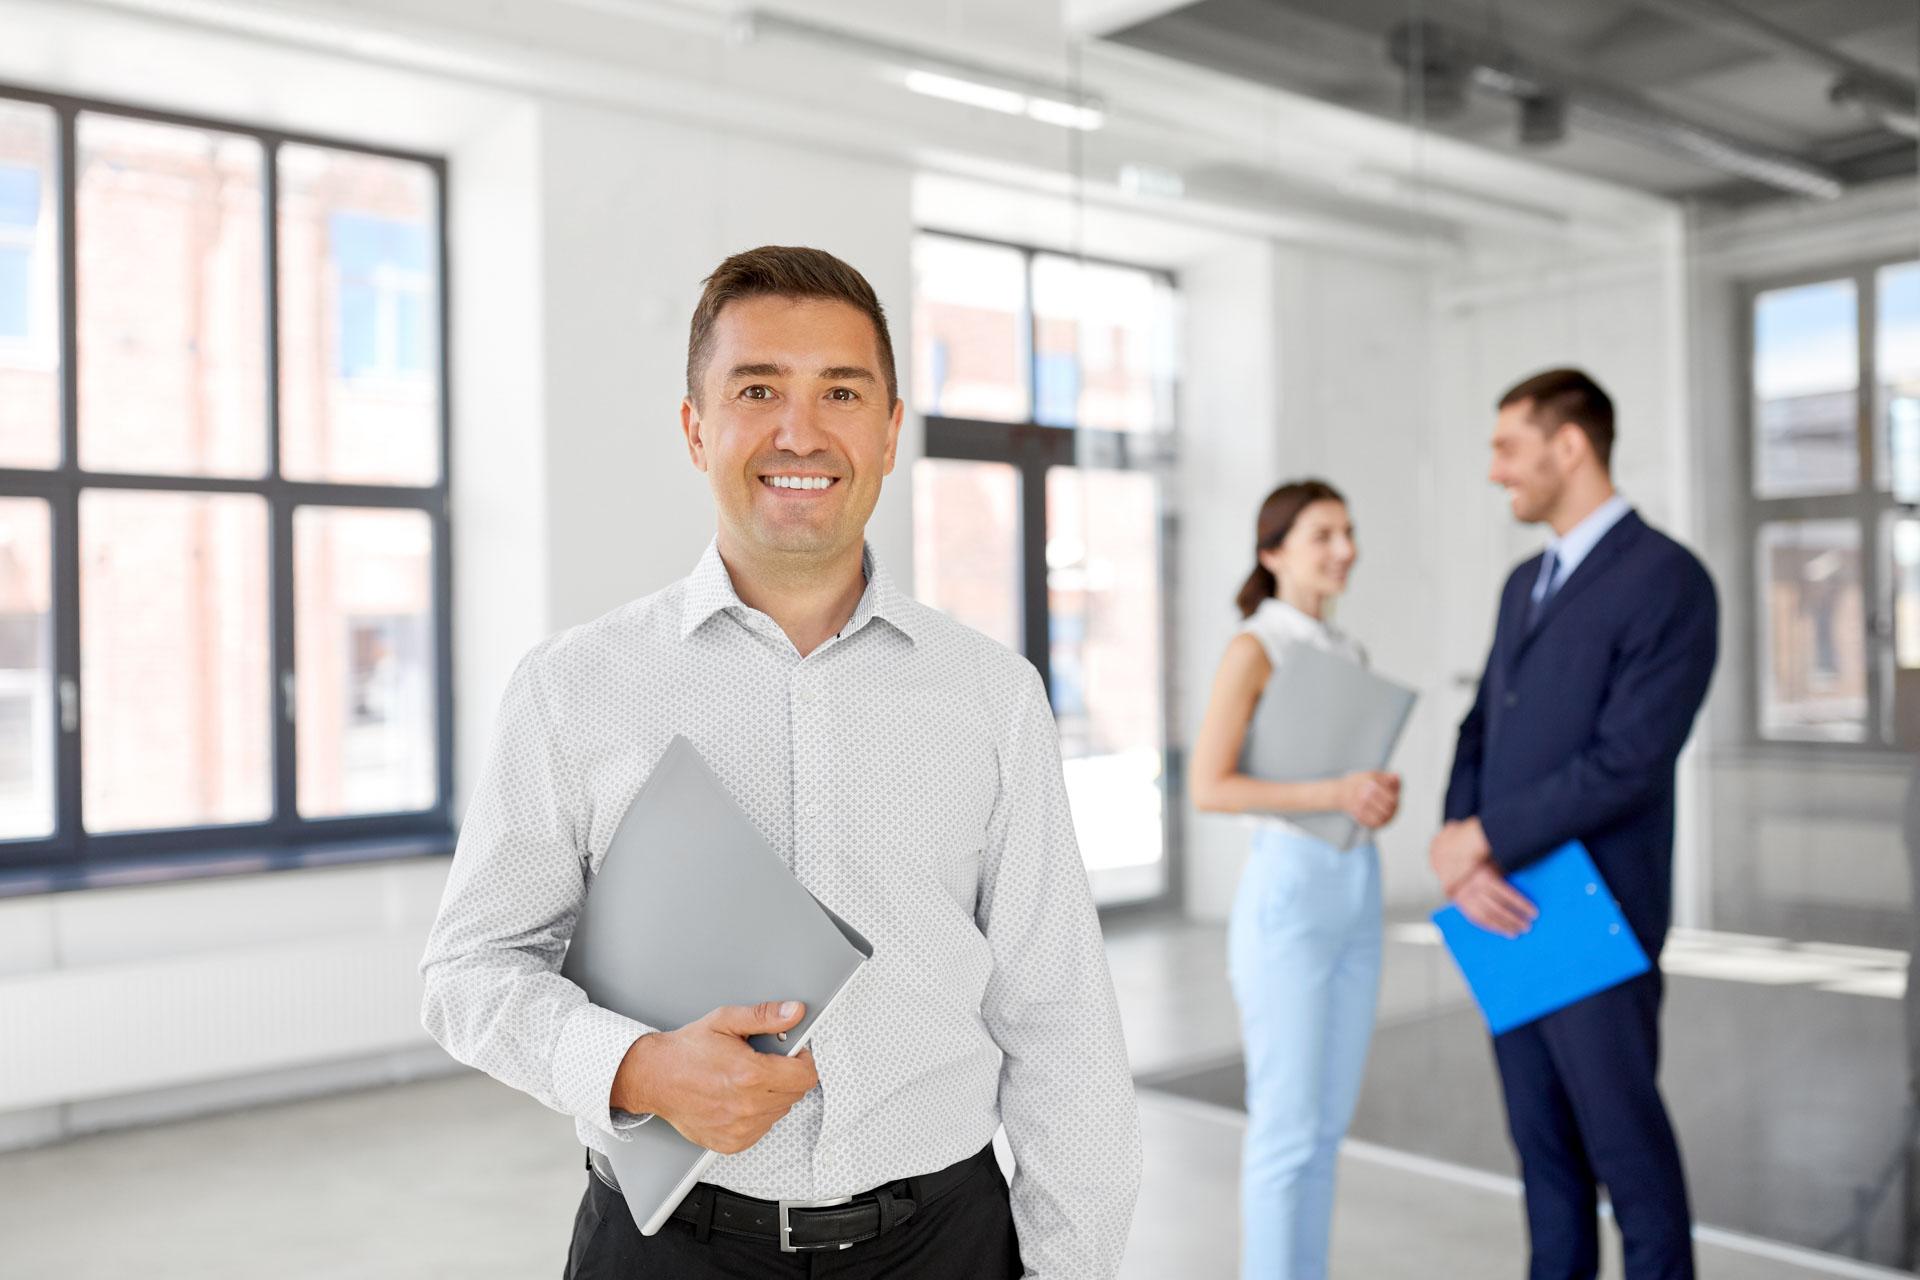 Immobiliengeschäft, Verkauf und Menschen Konzept - glücklich lächelnd Immobilienmakler oder Geschäftsmann mit Ordner und Kunden an neuen Büroraum